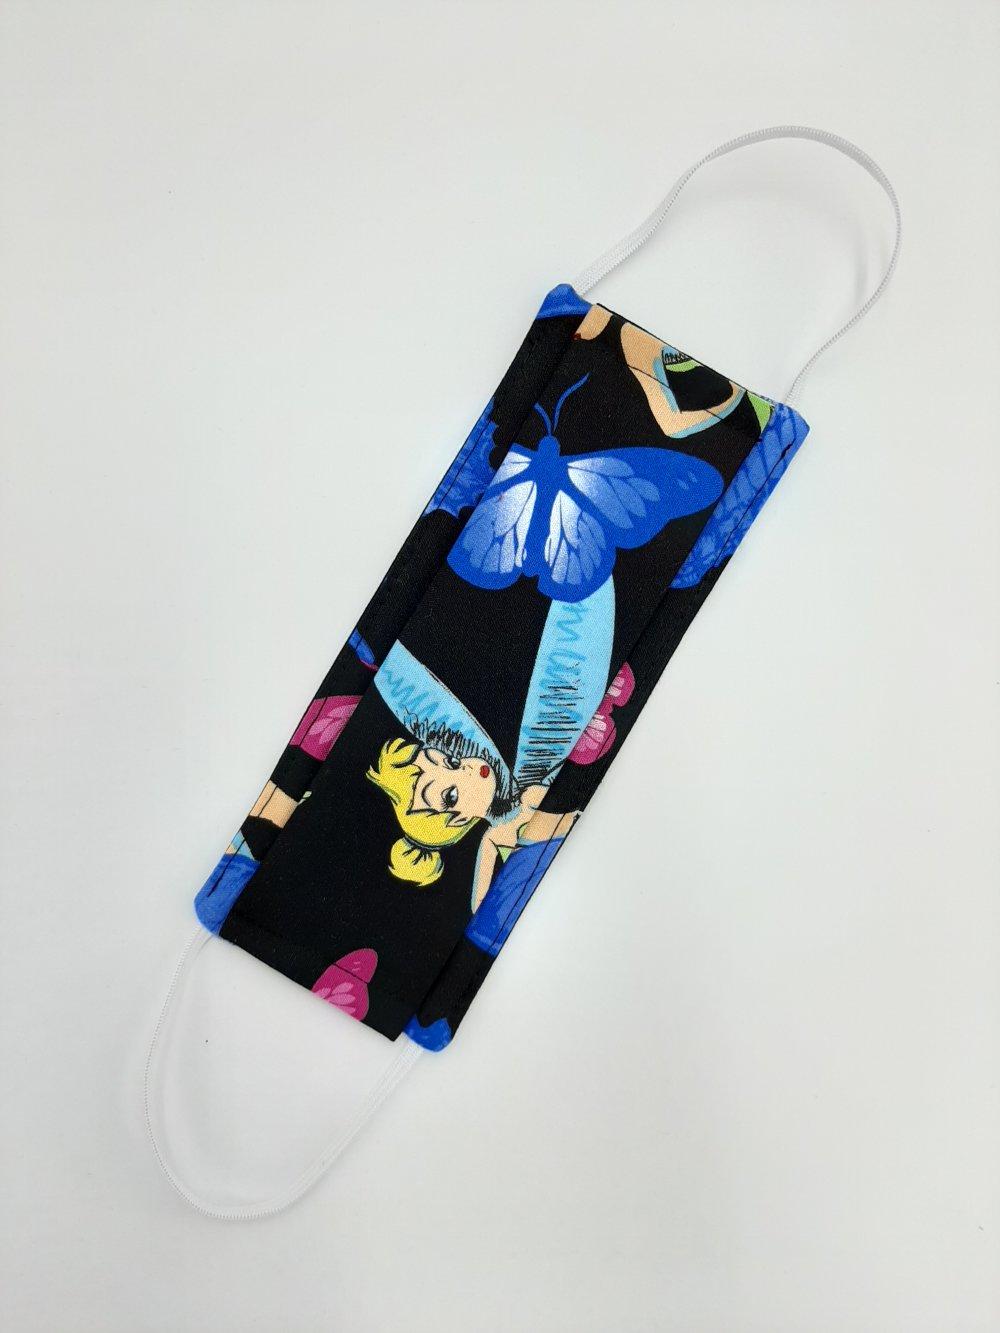 Masque protection tissu lavable enfant selon modèle Afnor